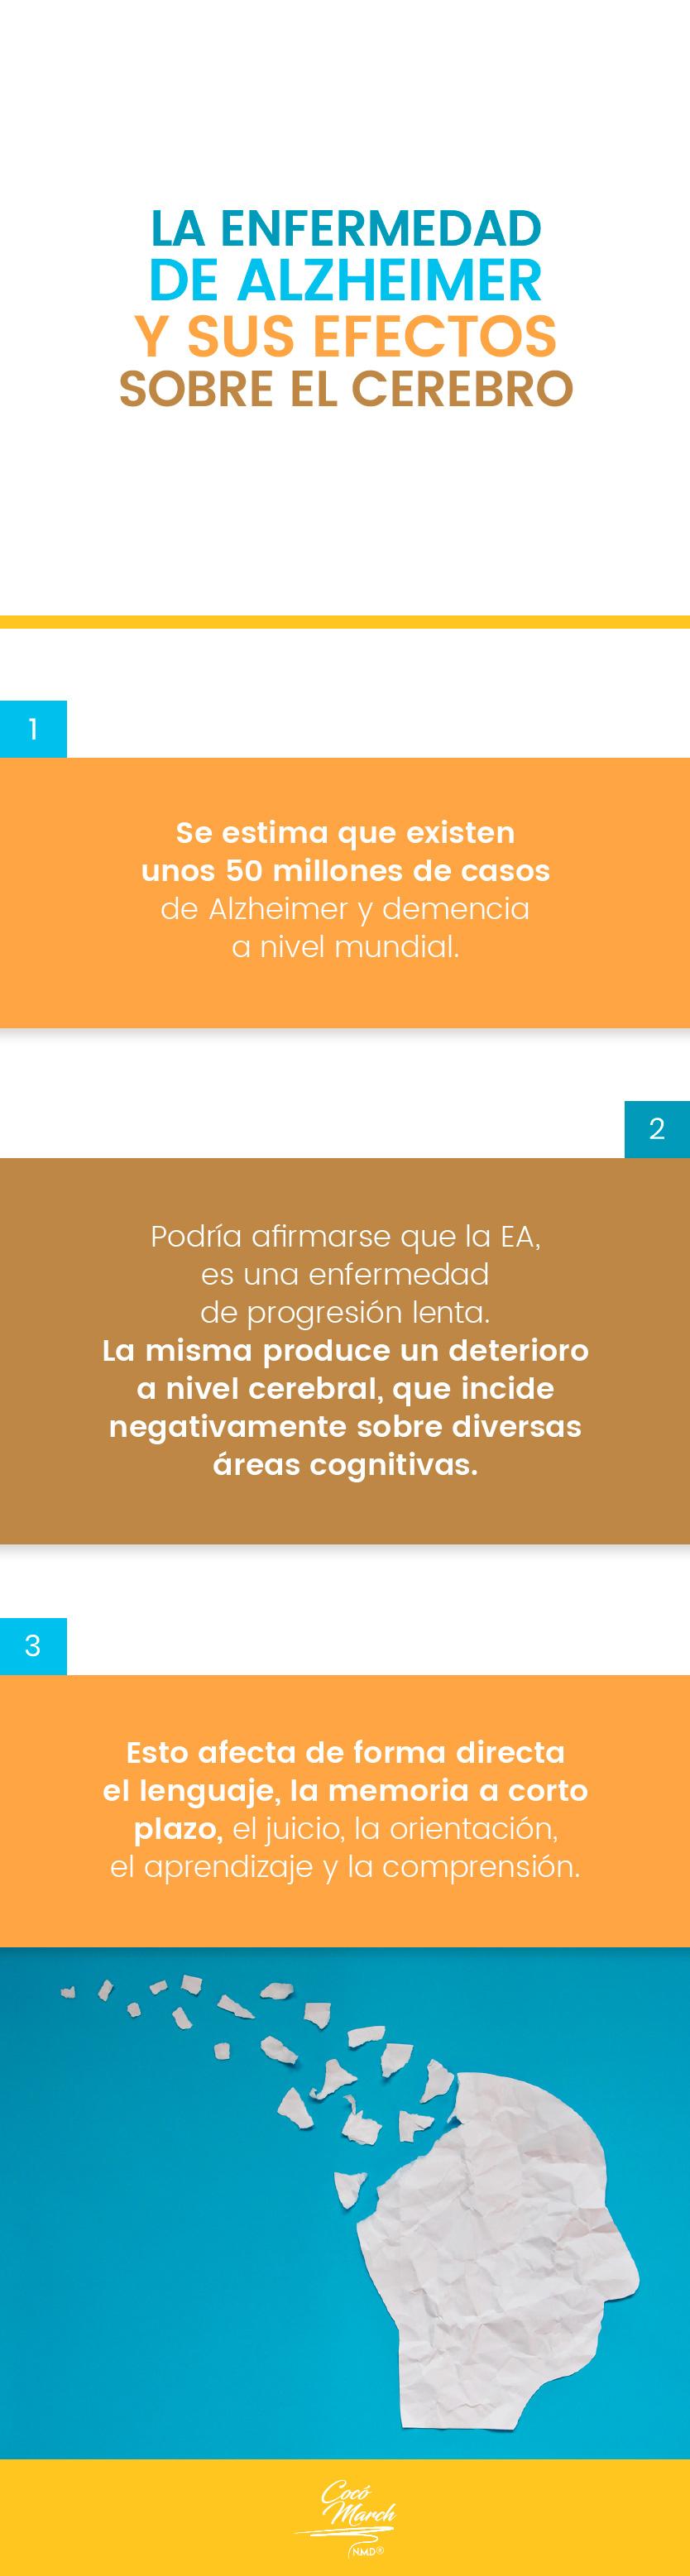 enfermedad-de-alzheimer-y-efectos-sobre-el-cerebro